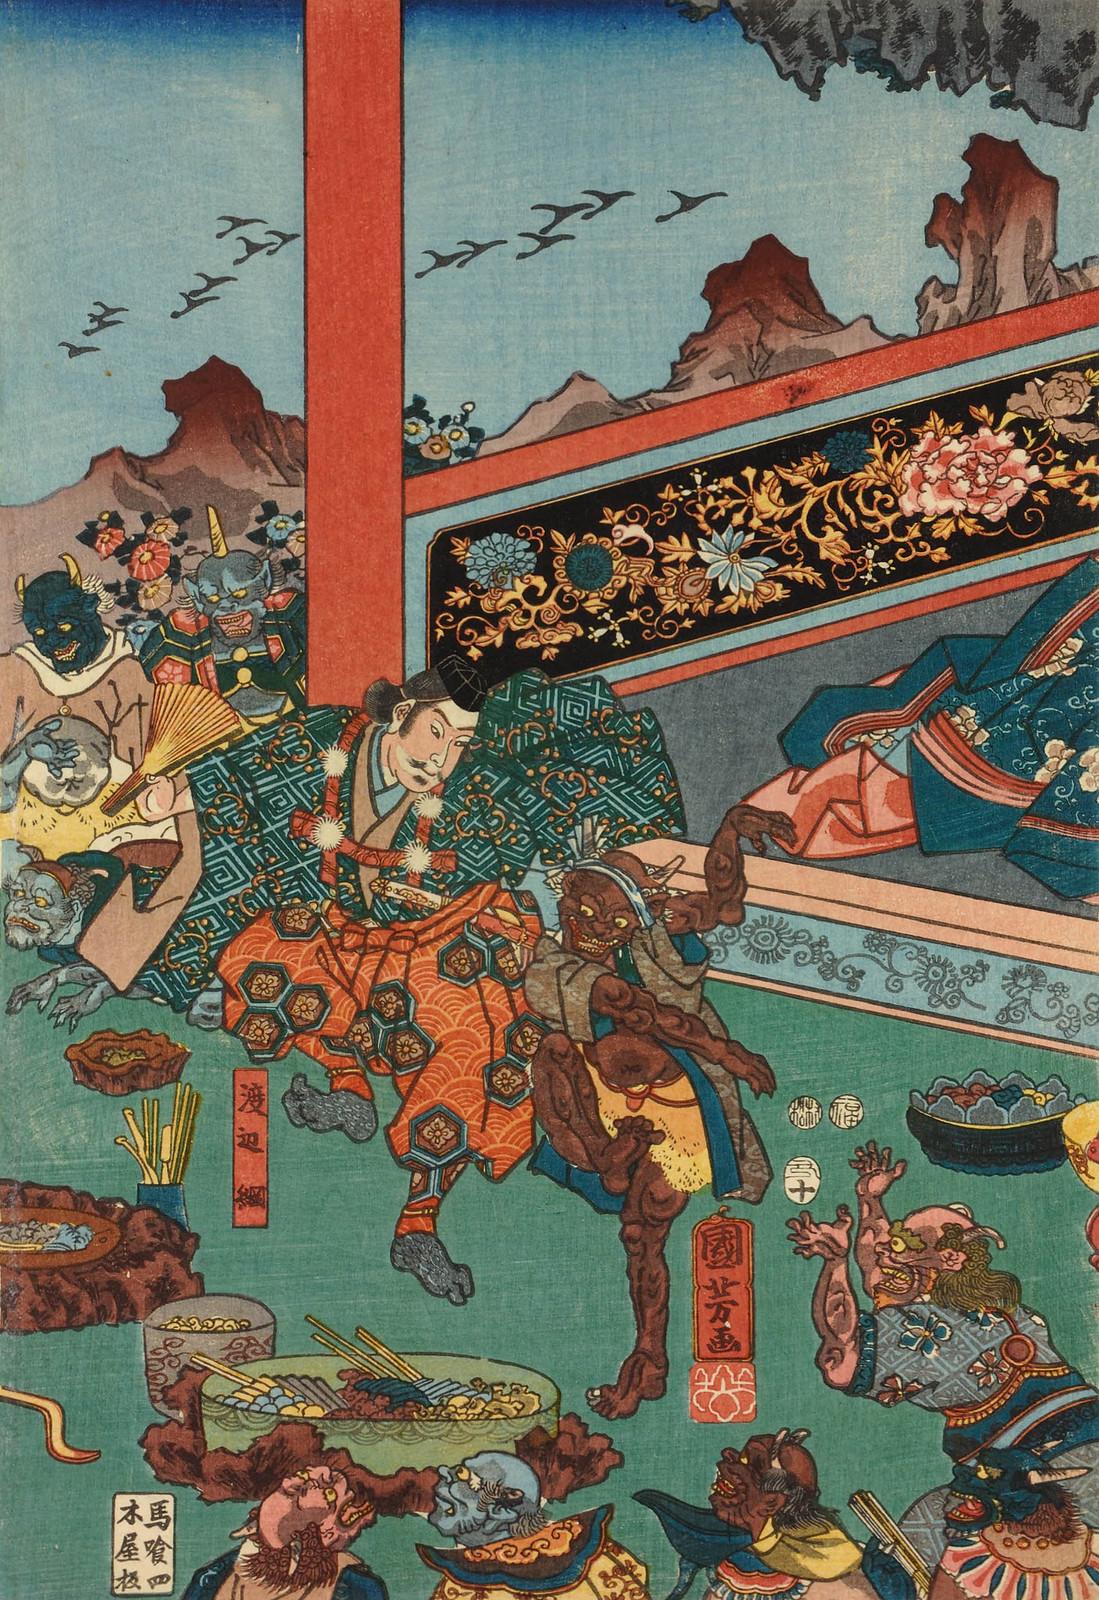 Utagawa Kuniyoshi - Raiko and his retainers entertaining the Shuten-doji and his demons with sake and dancing, 1853 (middle panel)